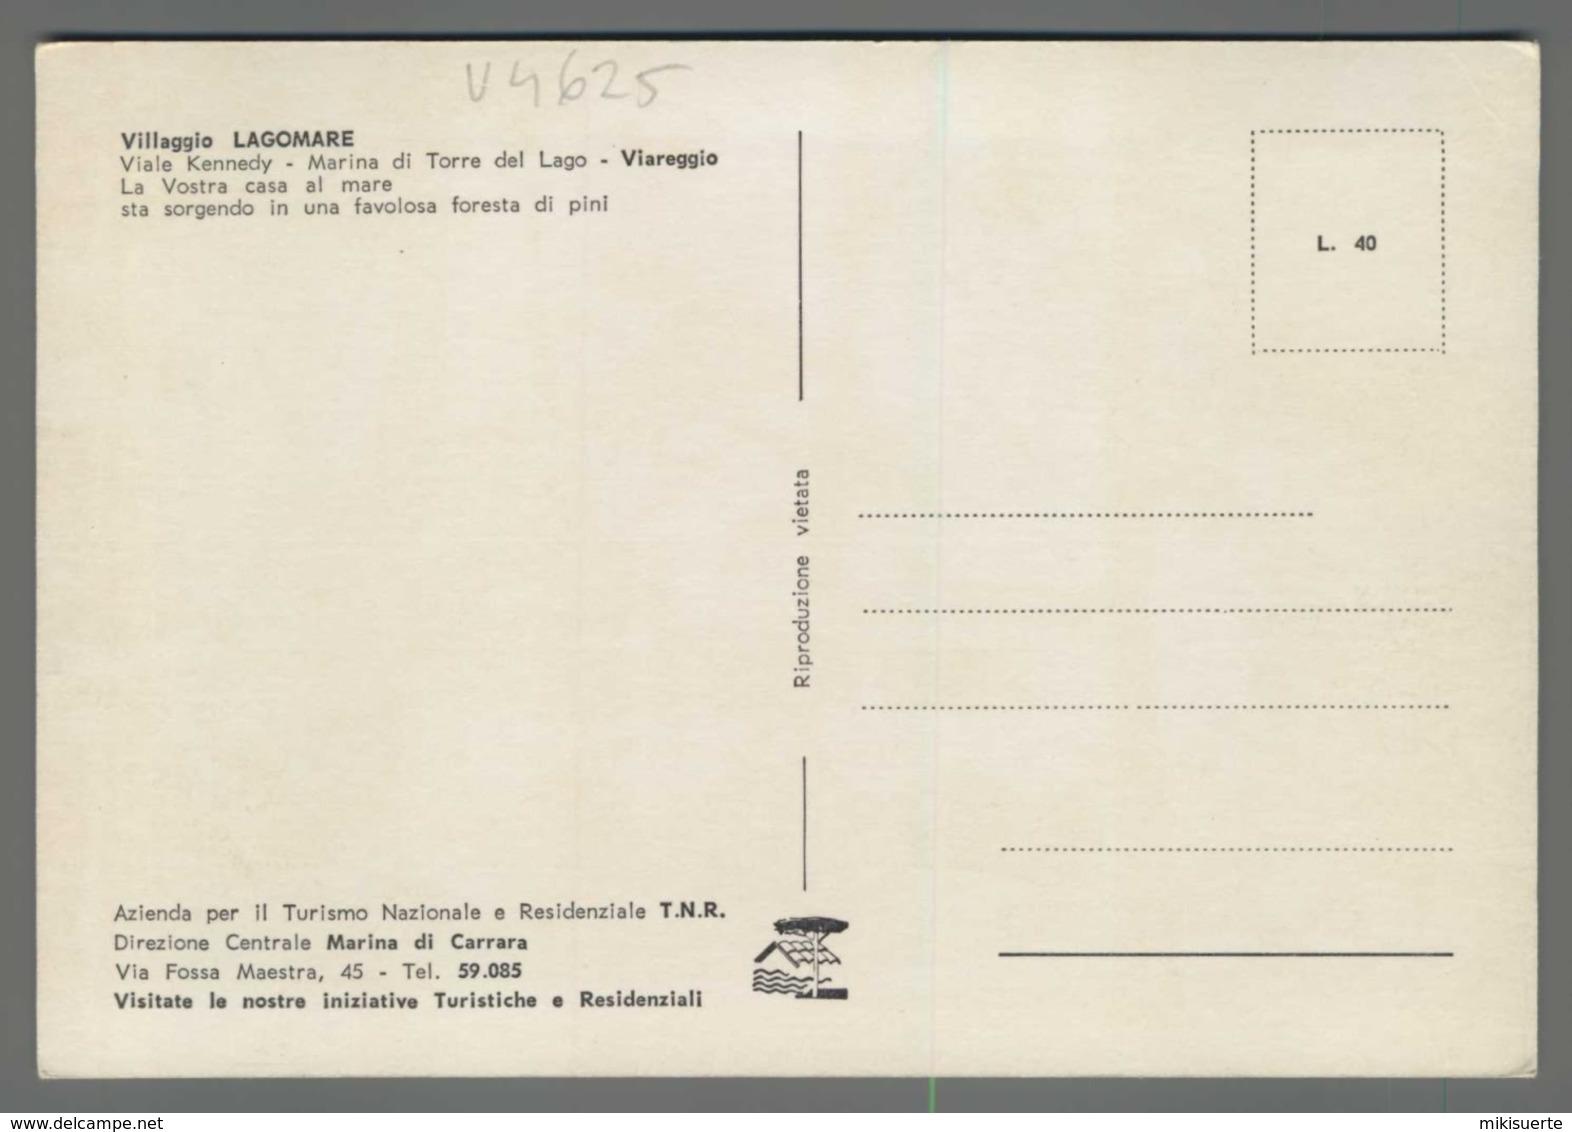 V4625 VIAREGGIO TORRE DEL LAGO VILLAGGIO LAGOMARE (m) - Viareggio